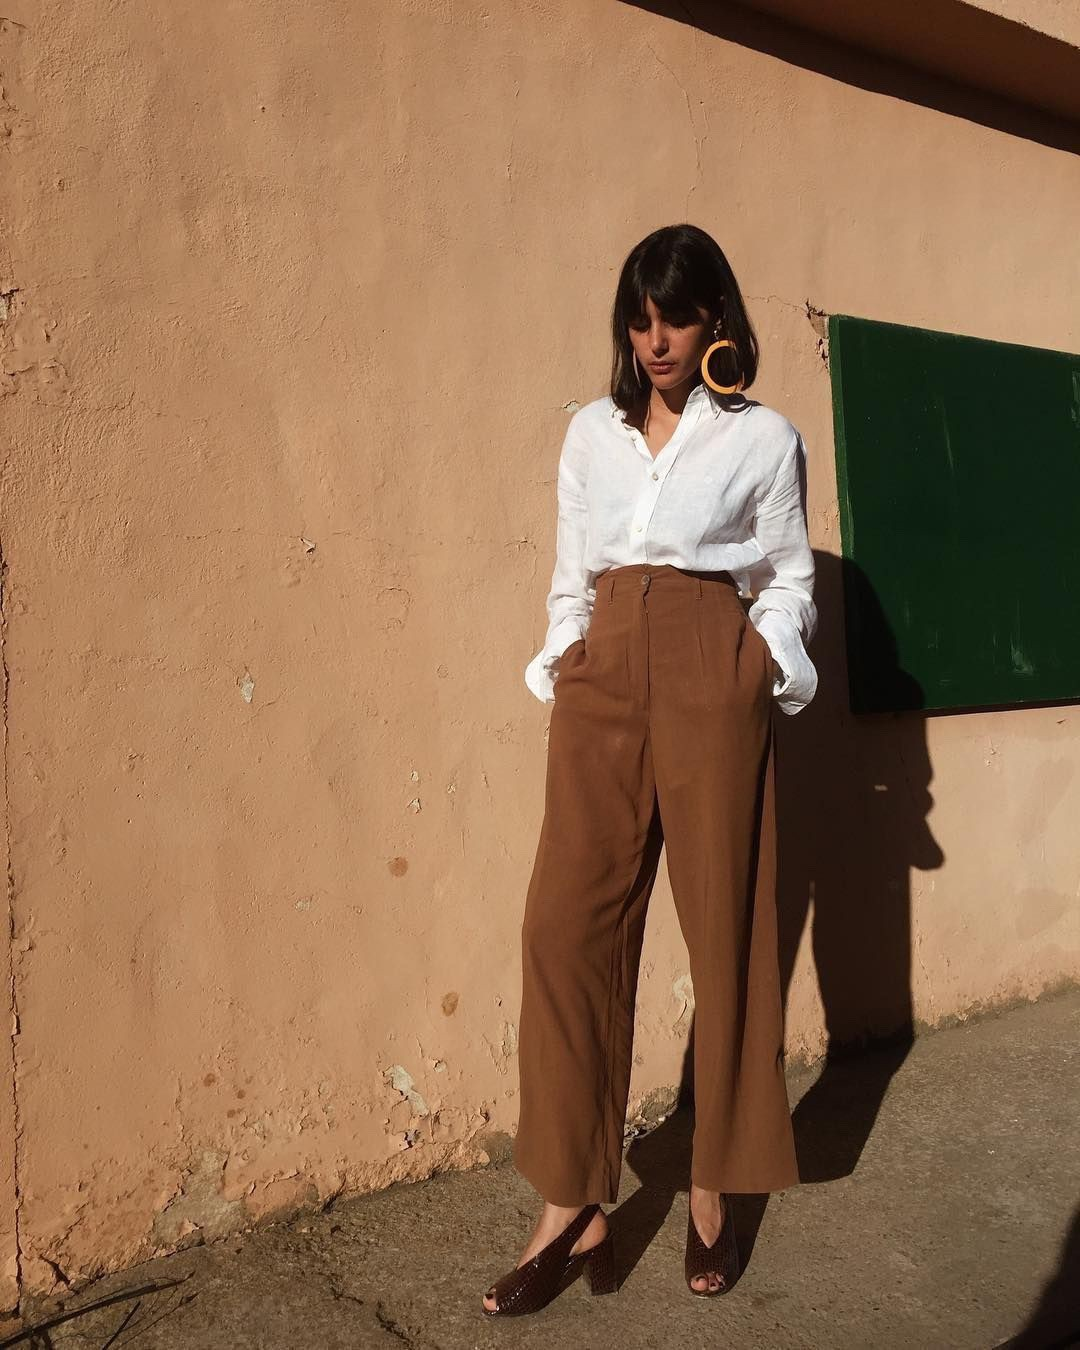 Mặc đẹp và sang không khó nếu bạn cứ diện 1 trong 4 mẫu áo sau với quần ống rộng - Hình 2